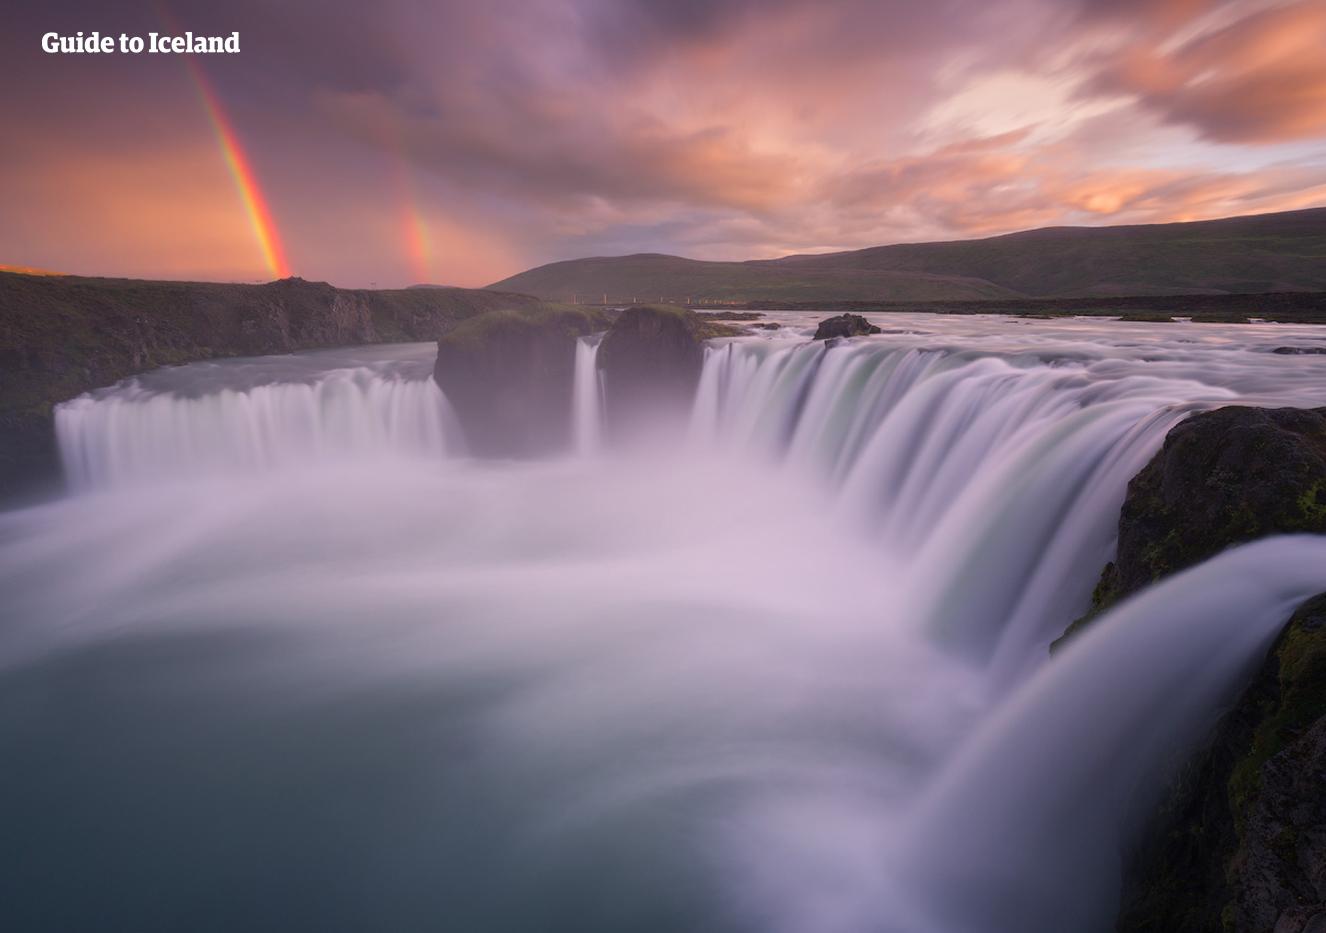 10-дневный зимний автотур | Вокруг Исландии под северным сиянием - day 7